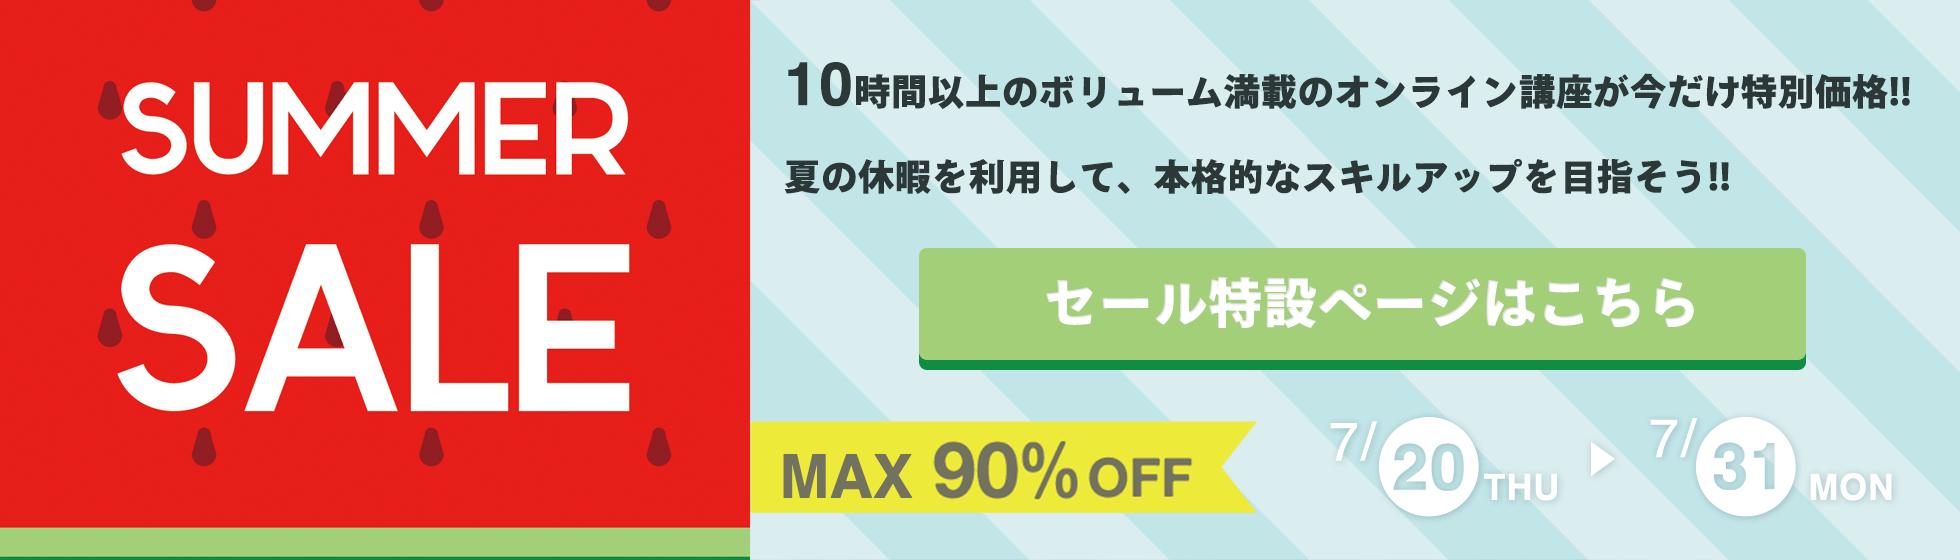 Sw summer sale banner pc 2017 ja